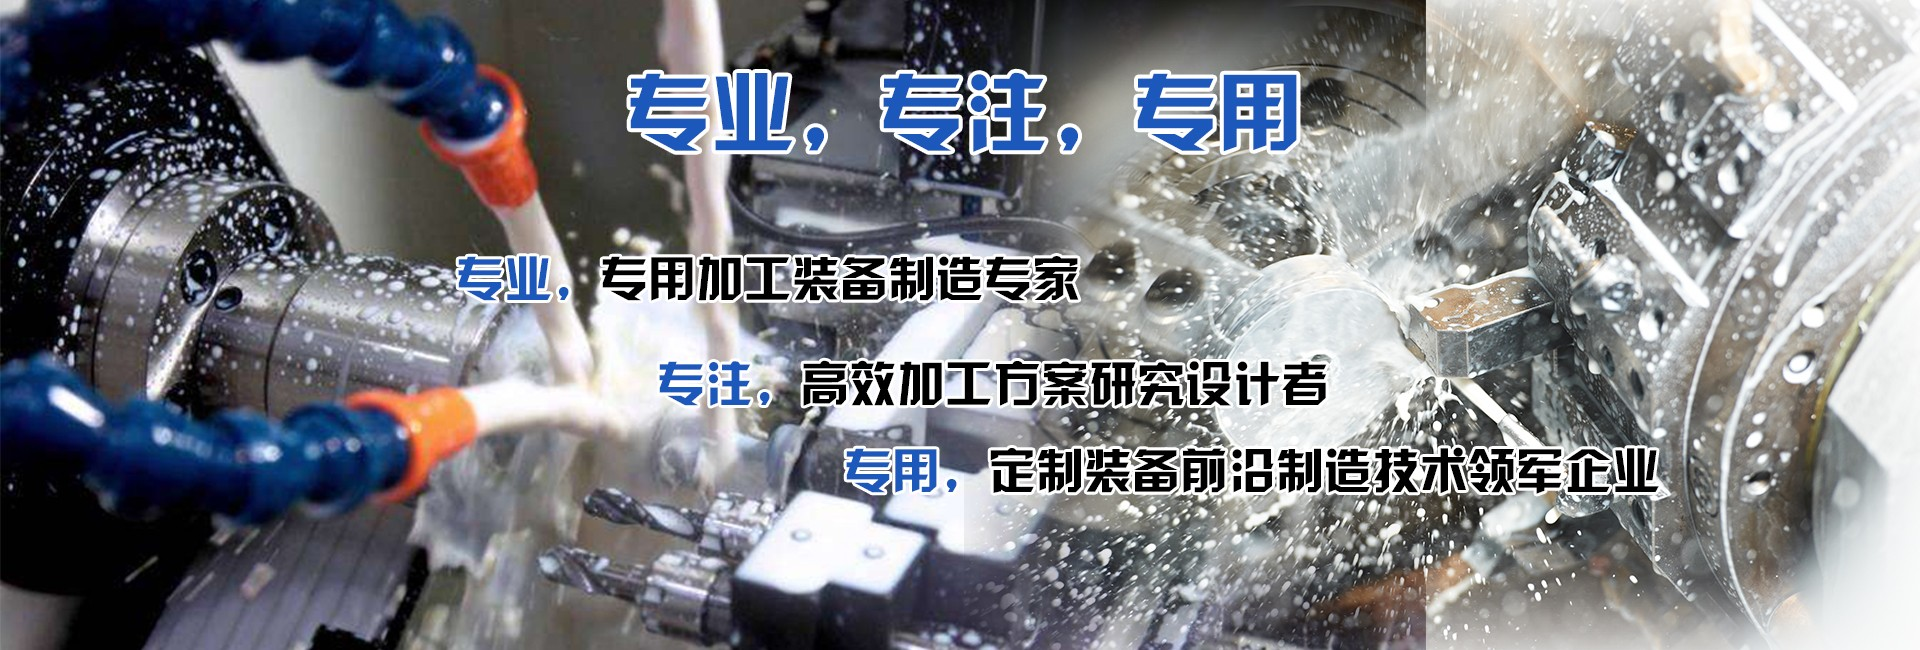 华电banner1_1